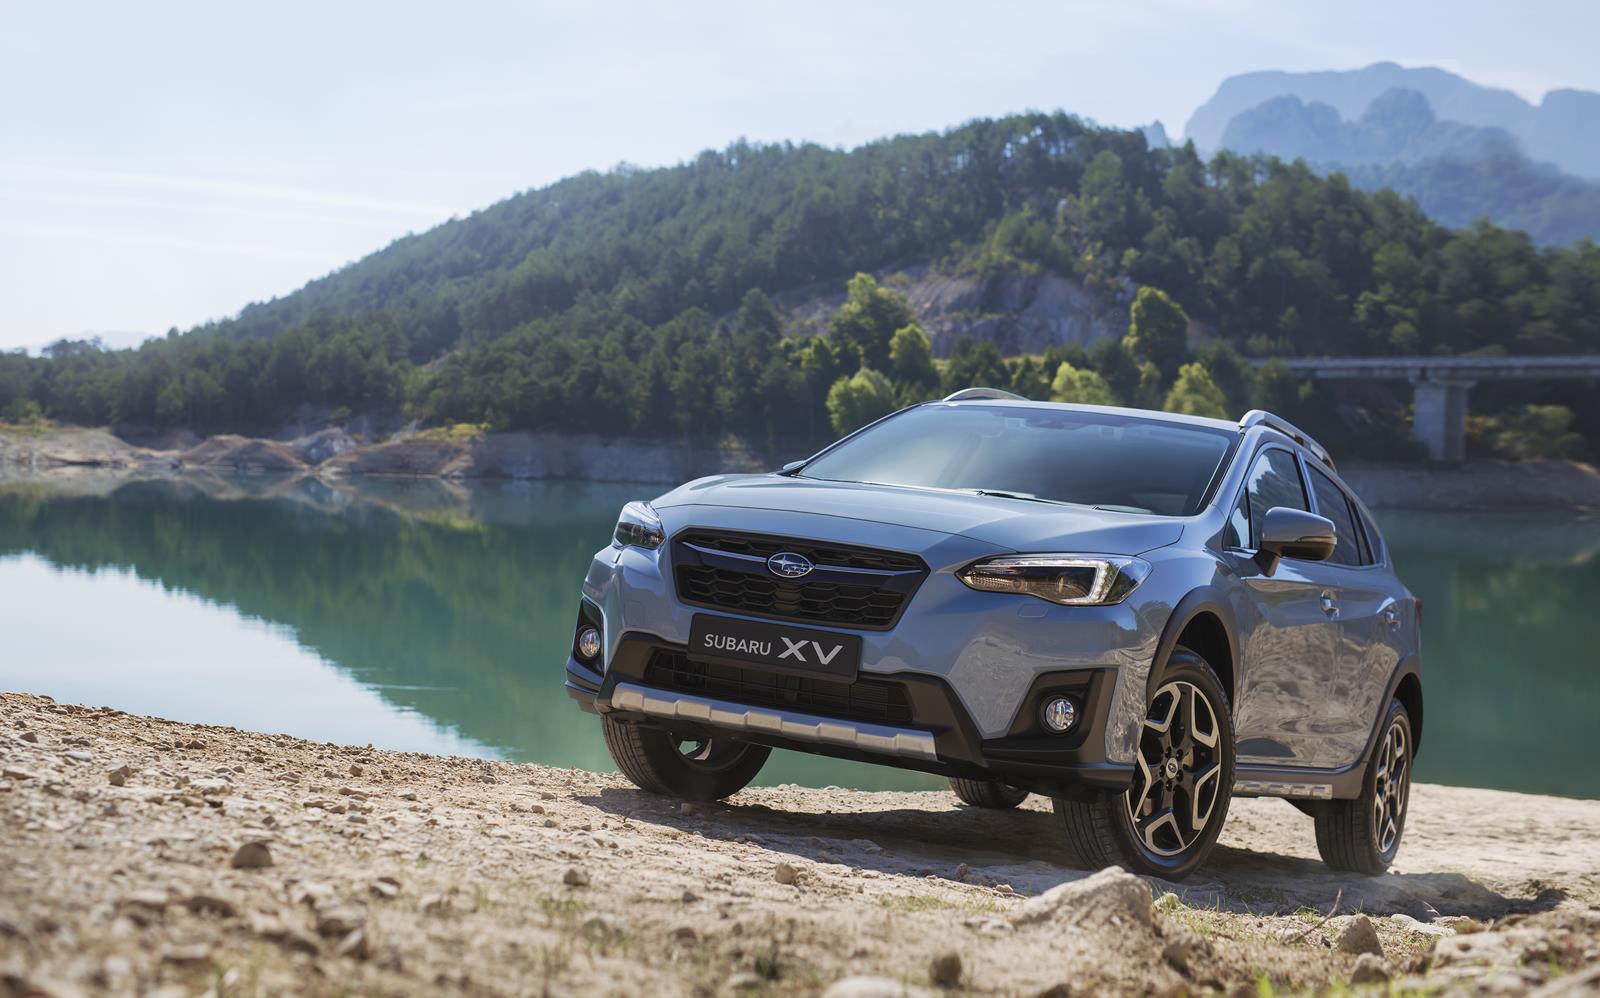 Subaru-XV-2018-1049-8.jpg